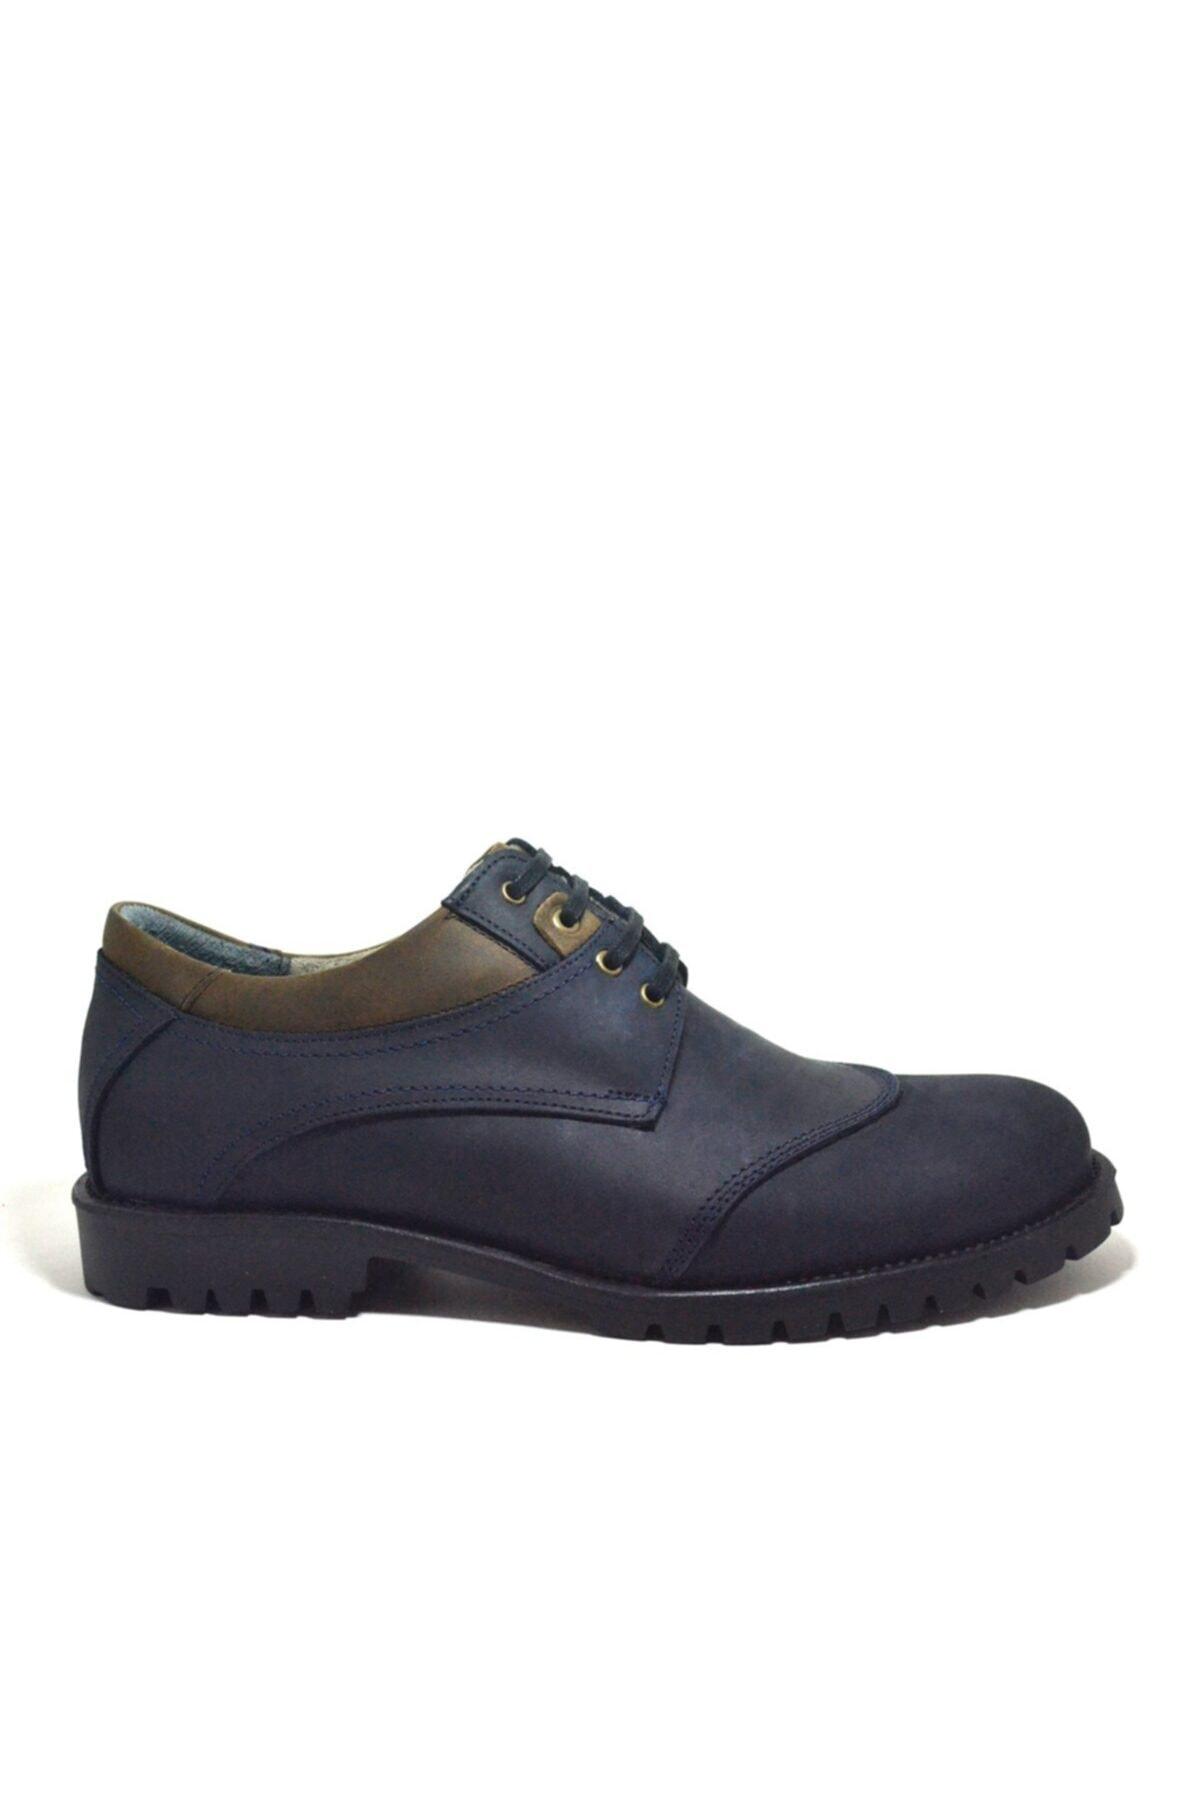 Tardelli Hakiki Deri Nubuk Büyük Numara Erkek Ayakkabı 2